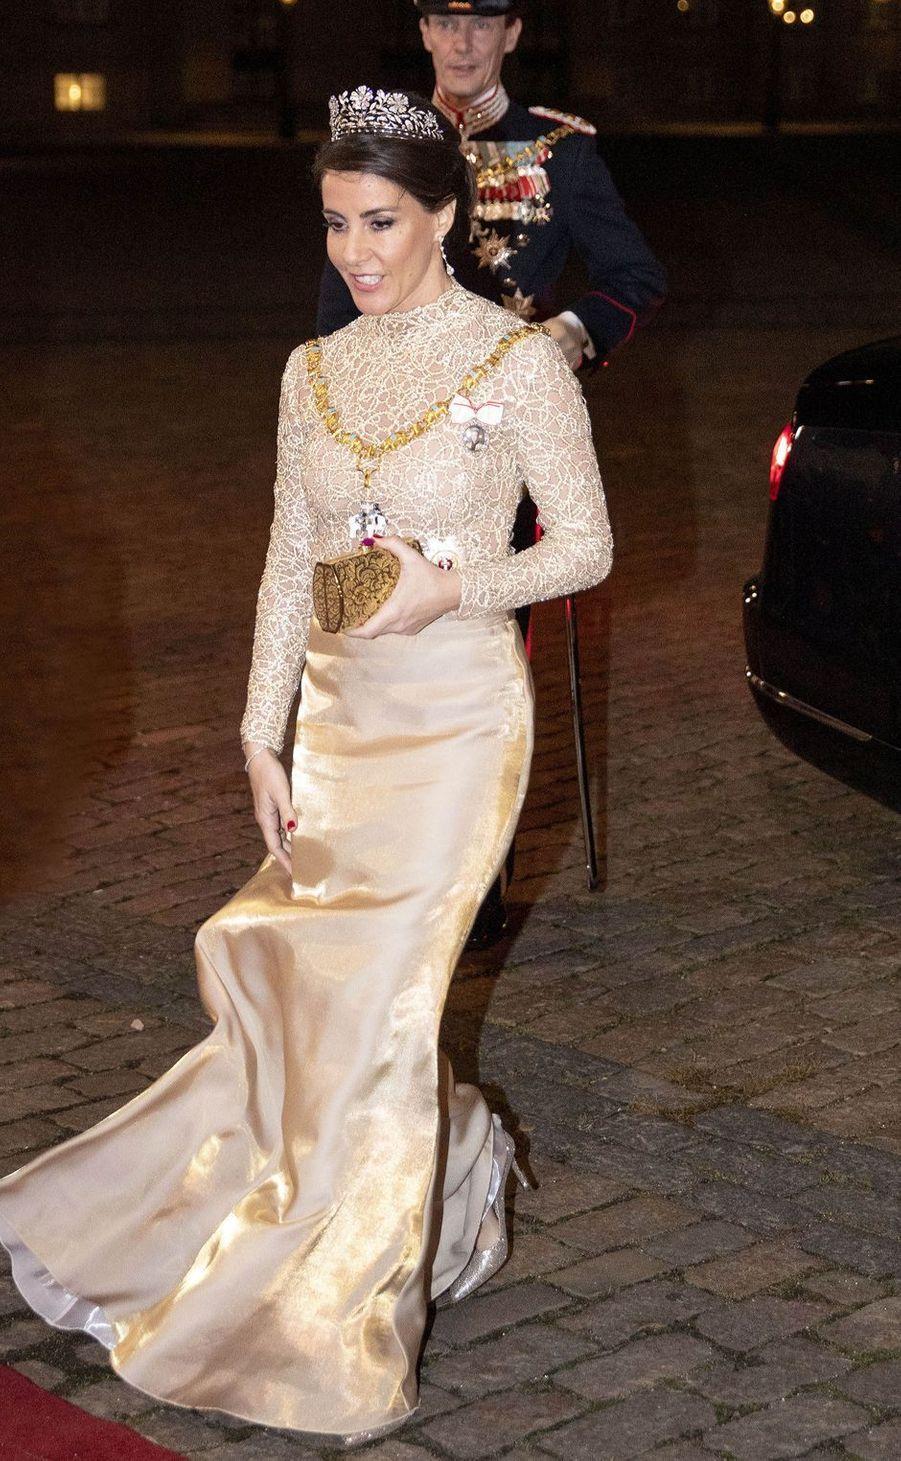 La princesse Marie de Danemark à Copenhague, le 1er janvier 2019